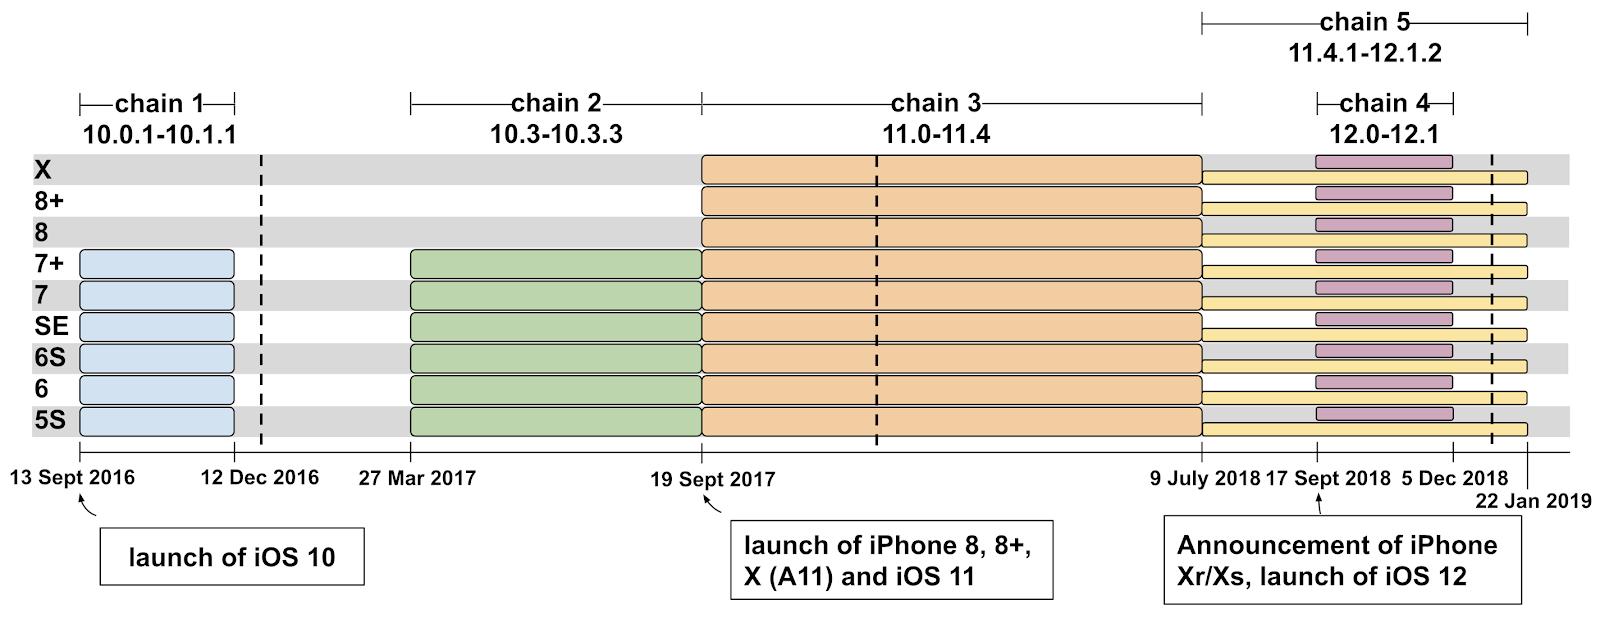 Смартфоны Apple с iOS от 10 до 12 версии два года были уязвимы для атак после посещения сайтов со зловредами - 1